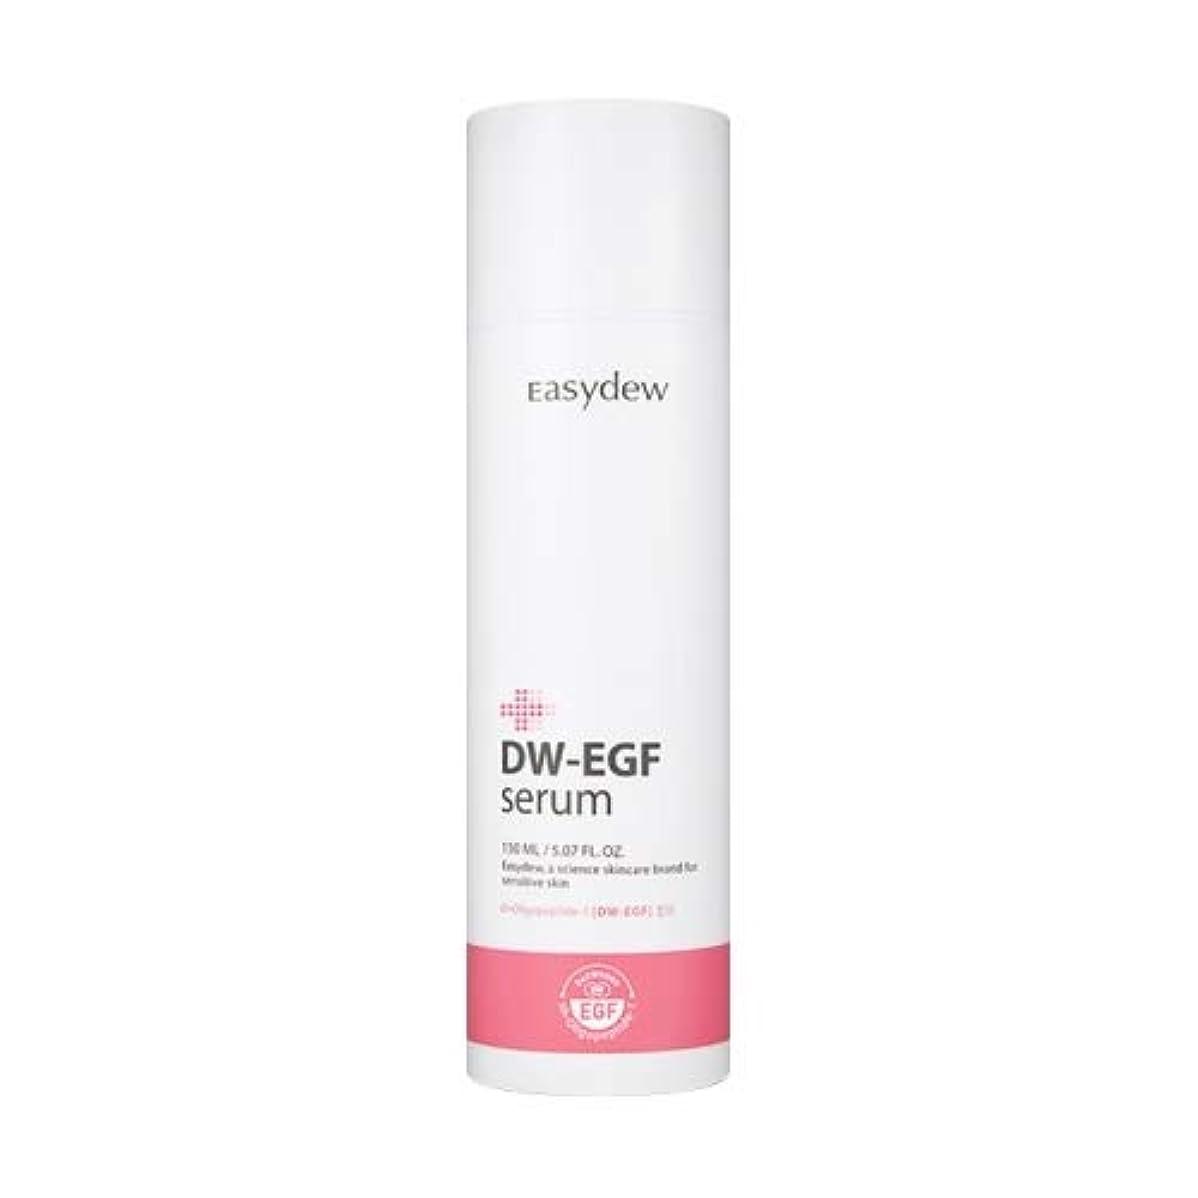 帰る修士号雪だるまEasydew DW-EGF セラム 美容液 150ml Easydew DW-EGF Serum 人気 スキンケア